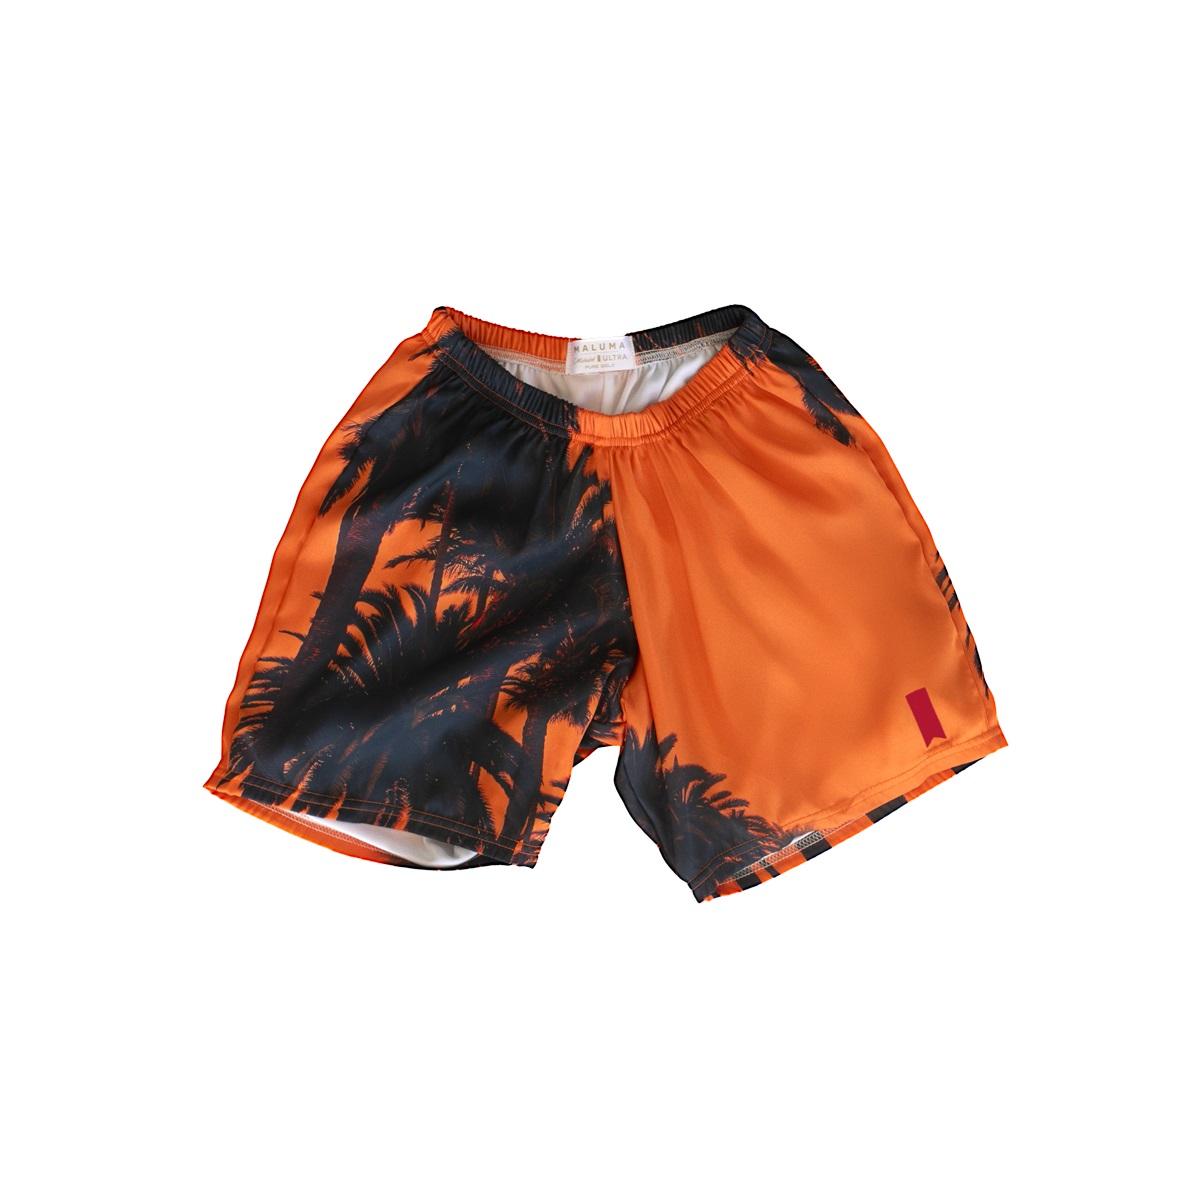 Sunset Orange Premium Shorts